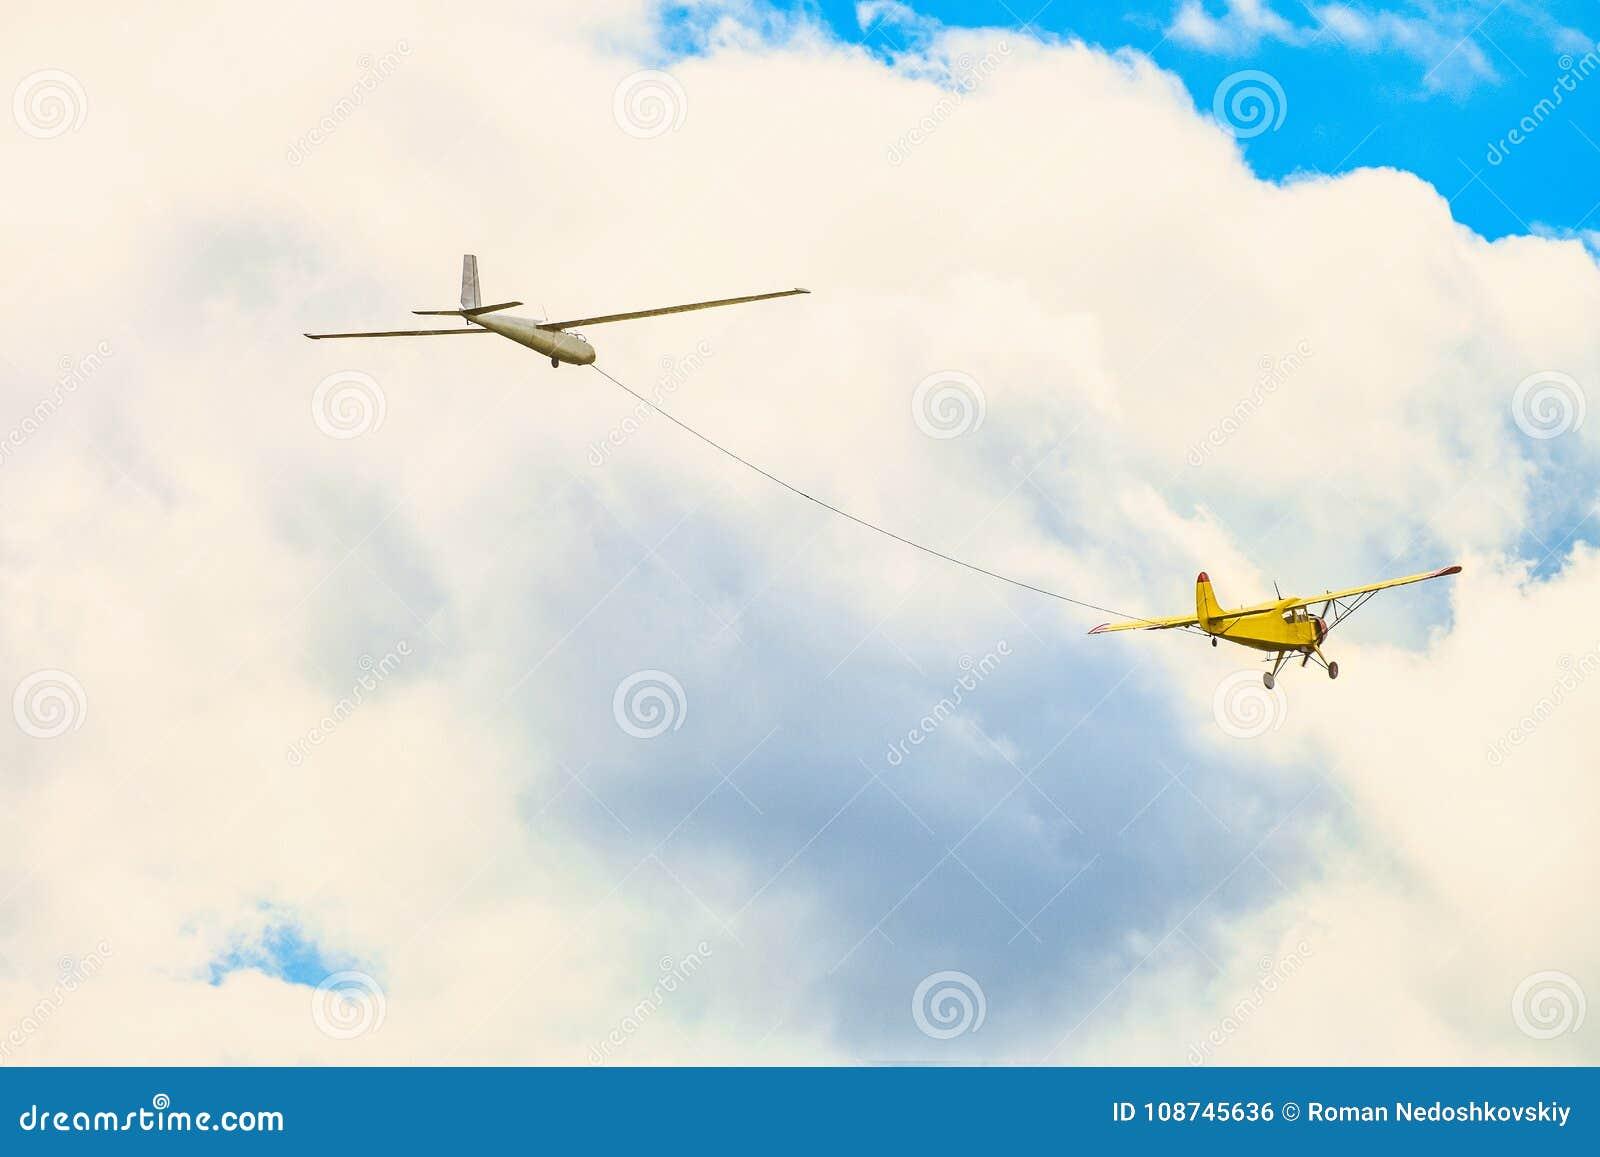 在多云天空的黄色小轻引擎体育飞机飞行在绳索滑翔机飞机上拉扯